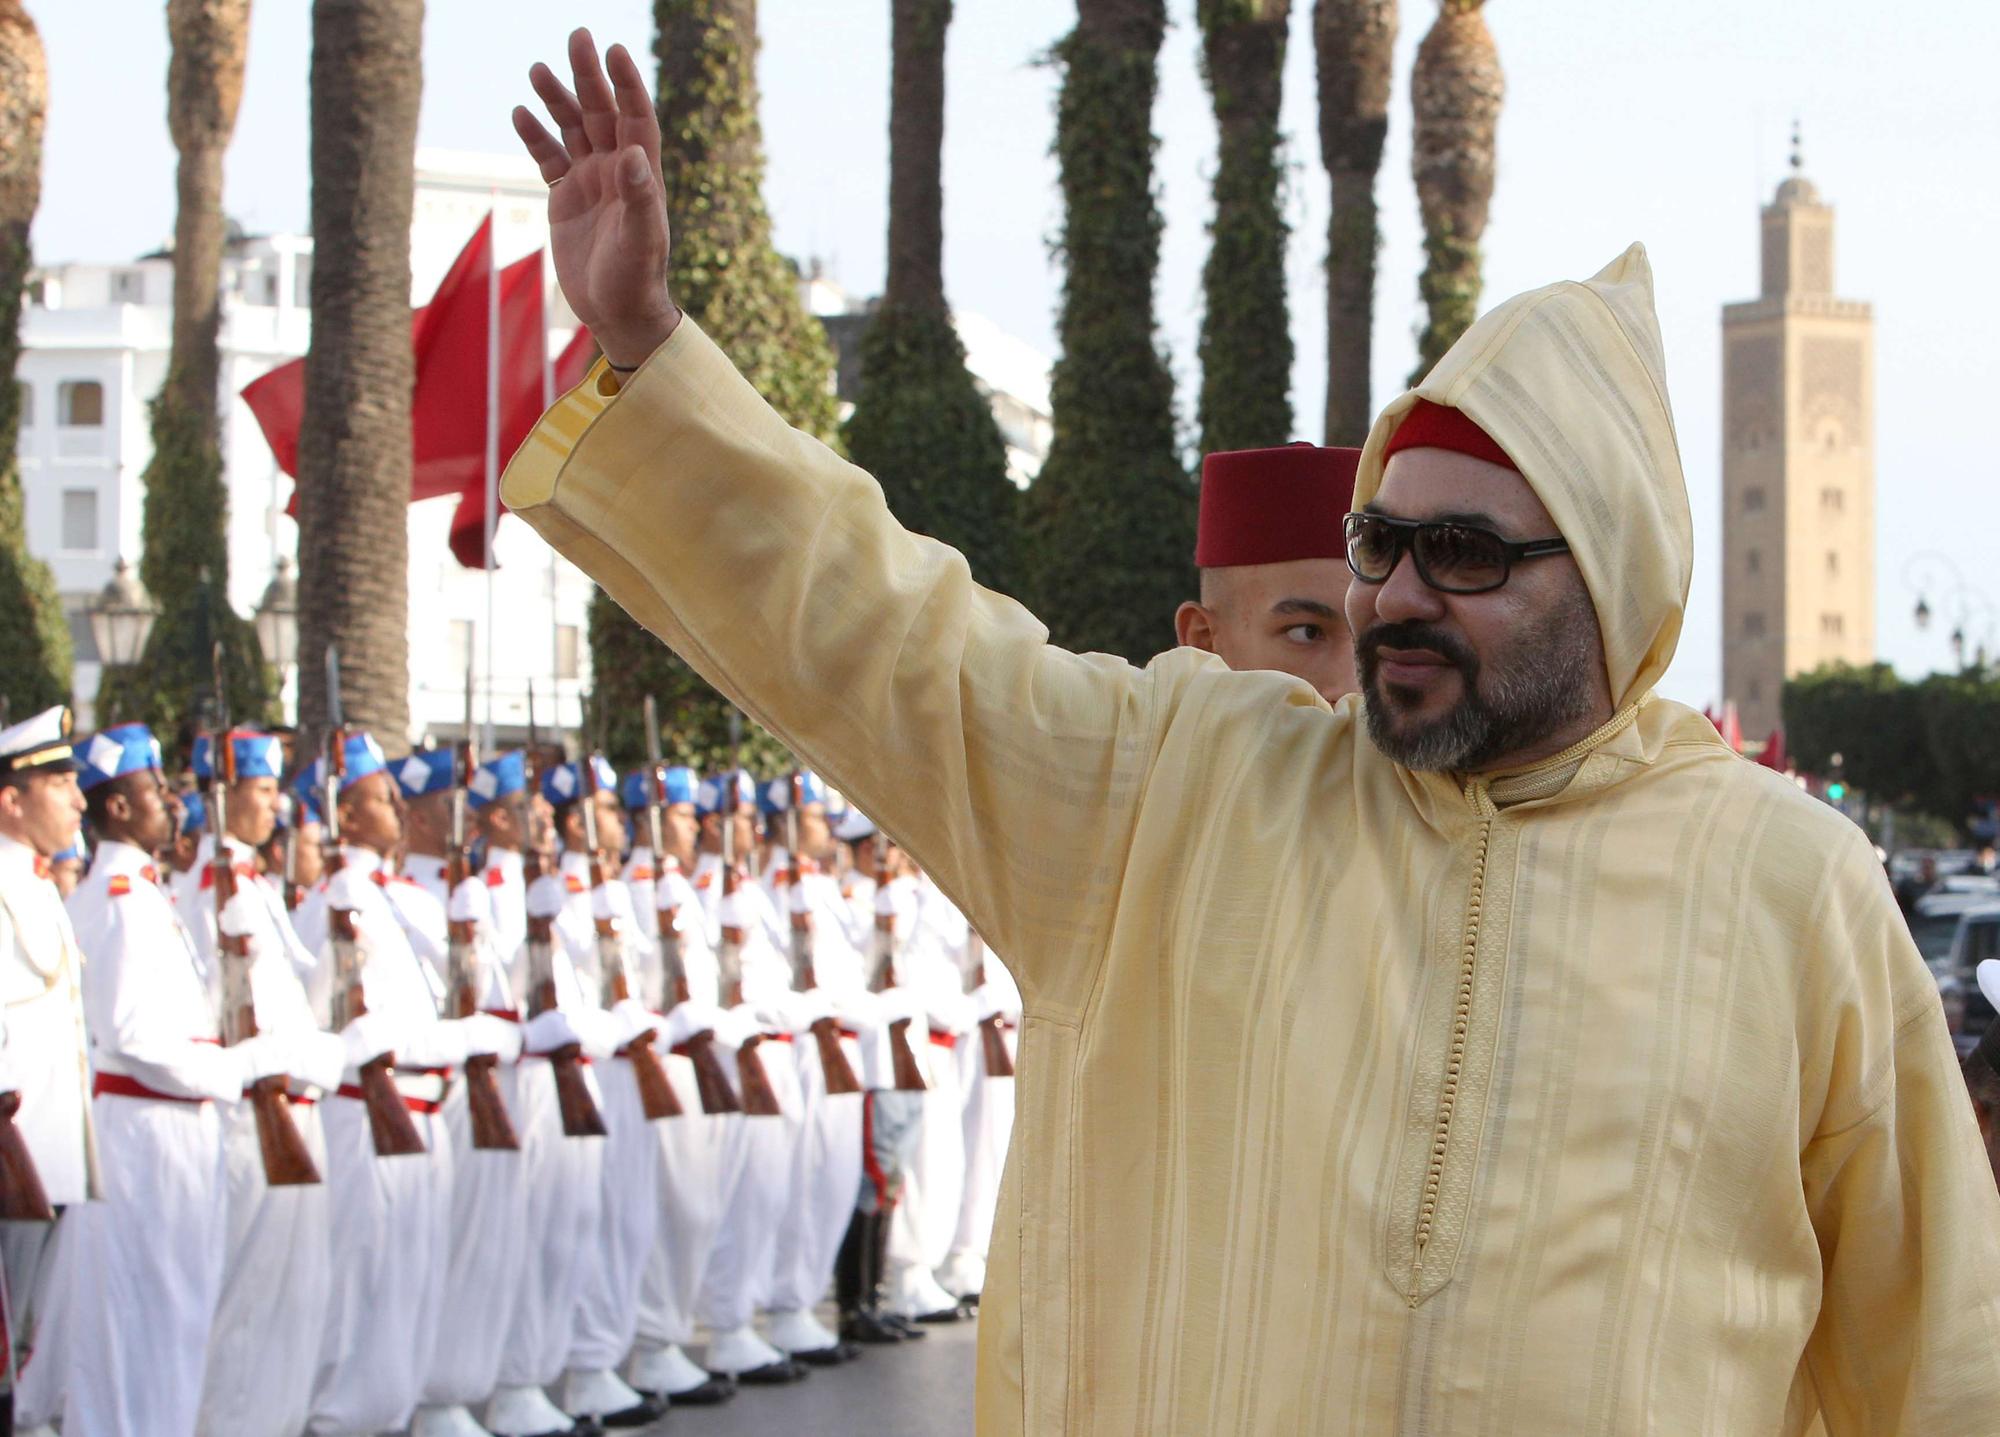 Le roi du Maroc, Mohammed VI, arrivant à la Chambre des Représentants pour l'ouverture d'une nouvelle session parlementaire, le 12 octobre 2018 à Rabat (image d'illustration).